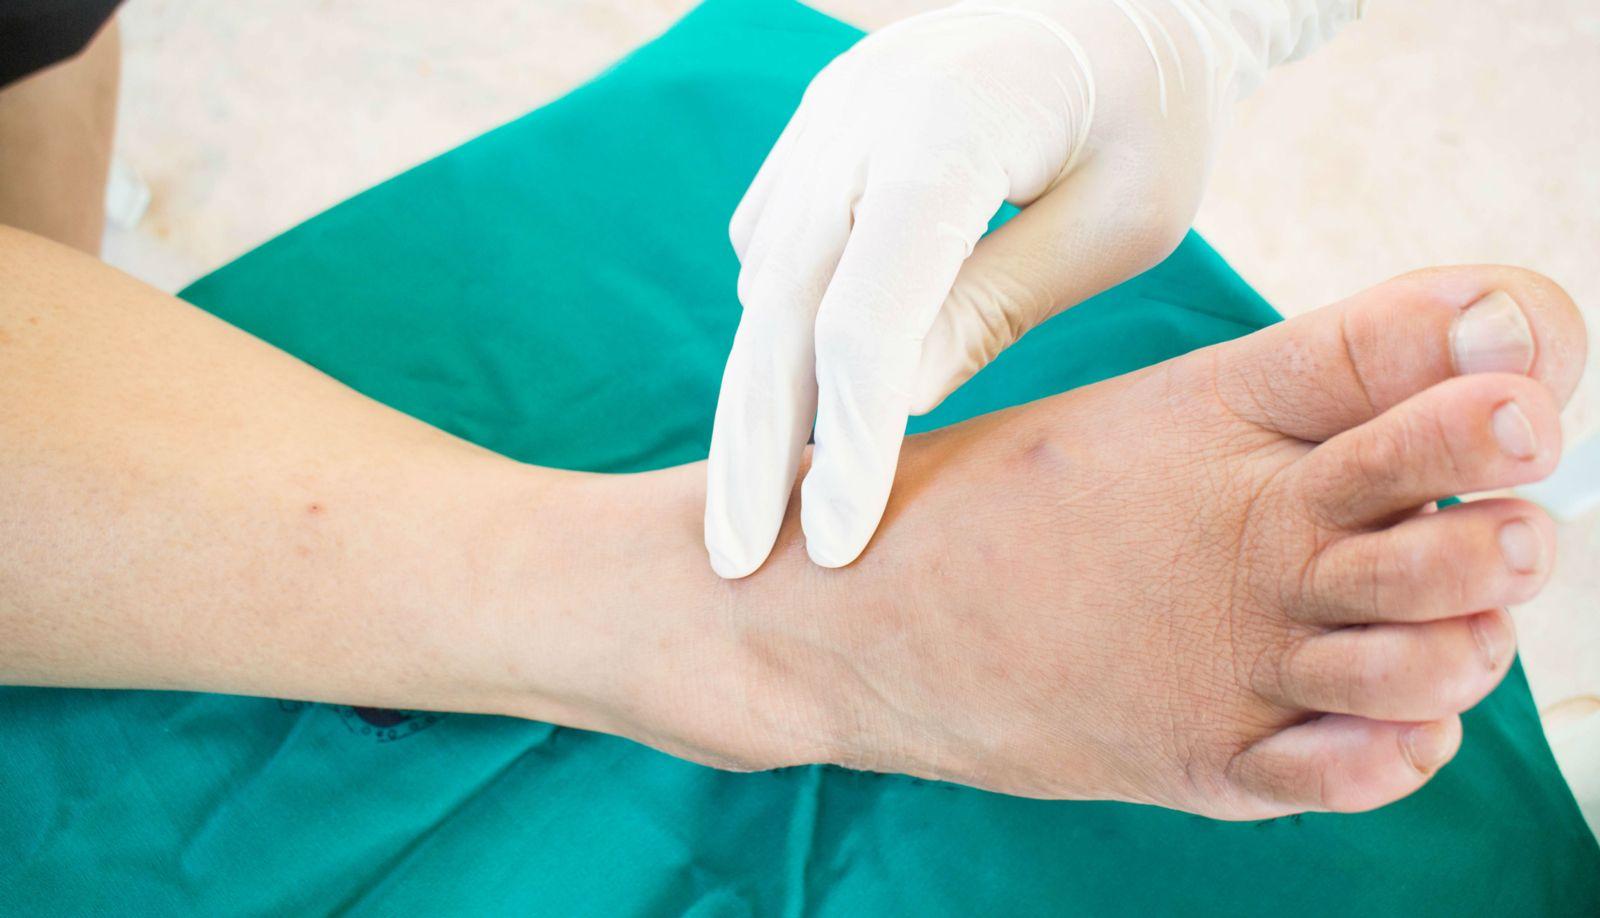 neuropathy exam